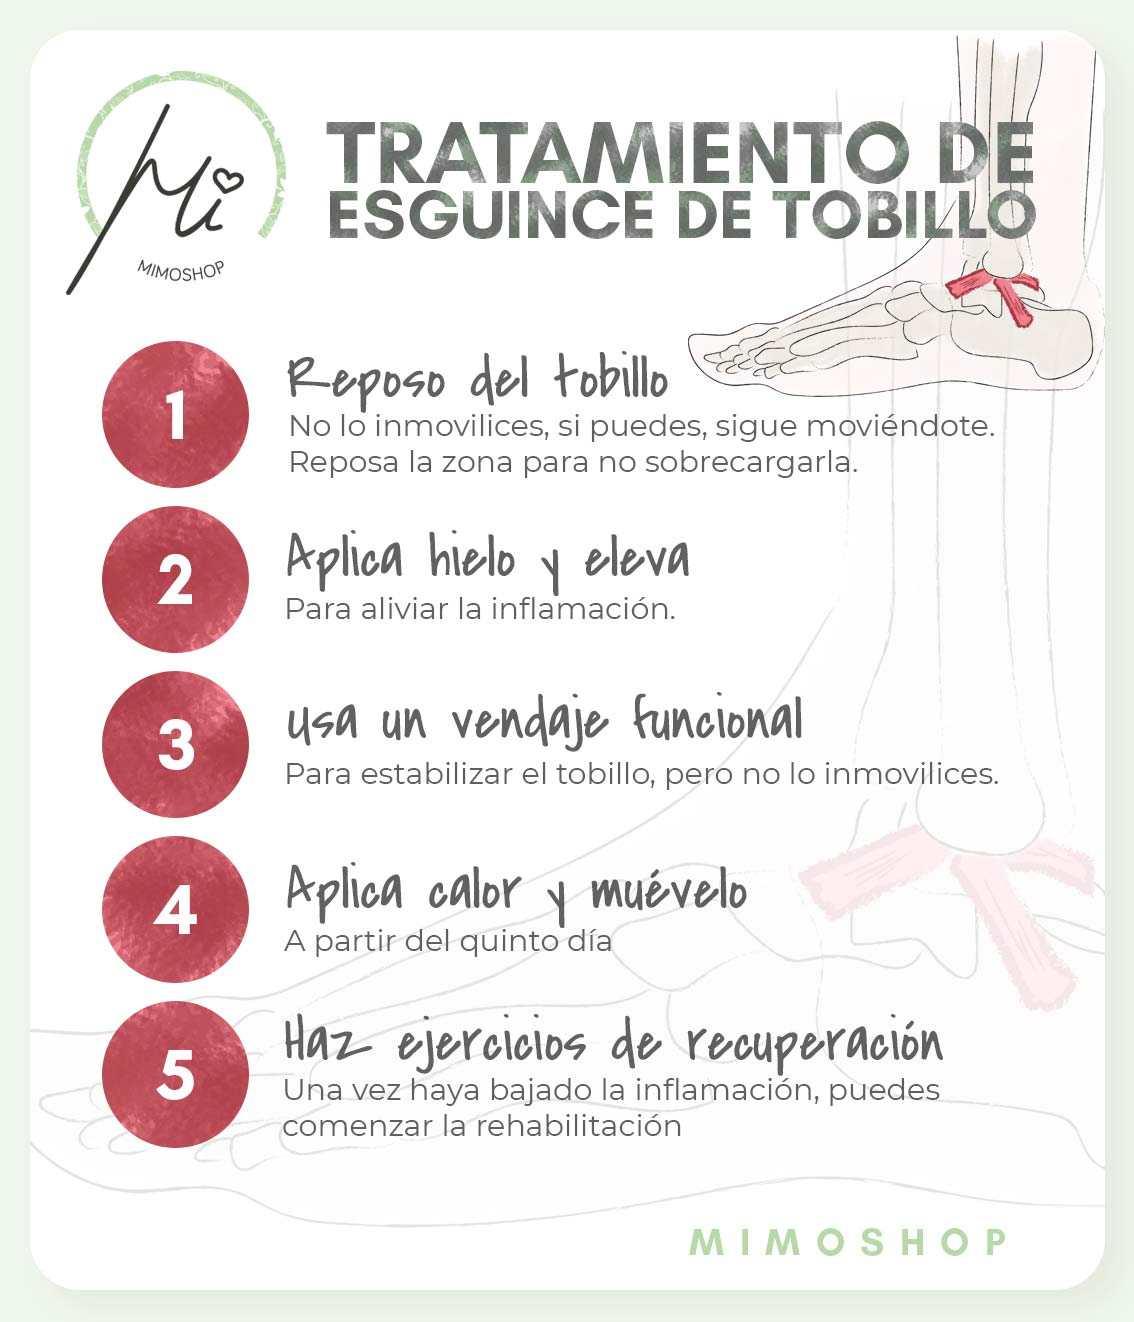 infografia sobre el tratatamiento de un esguince de tobillo